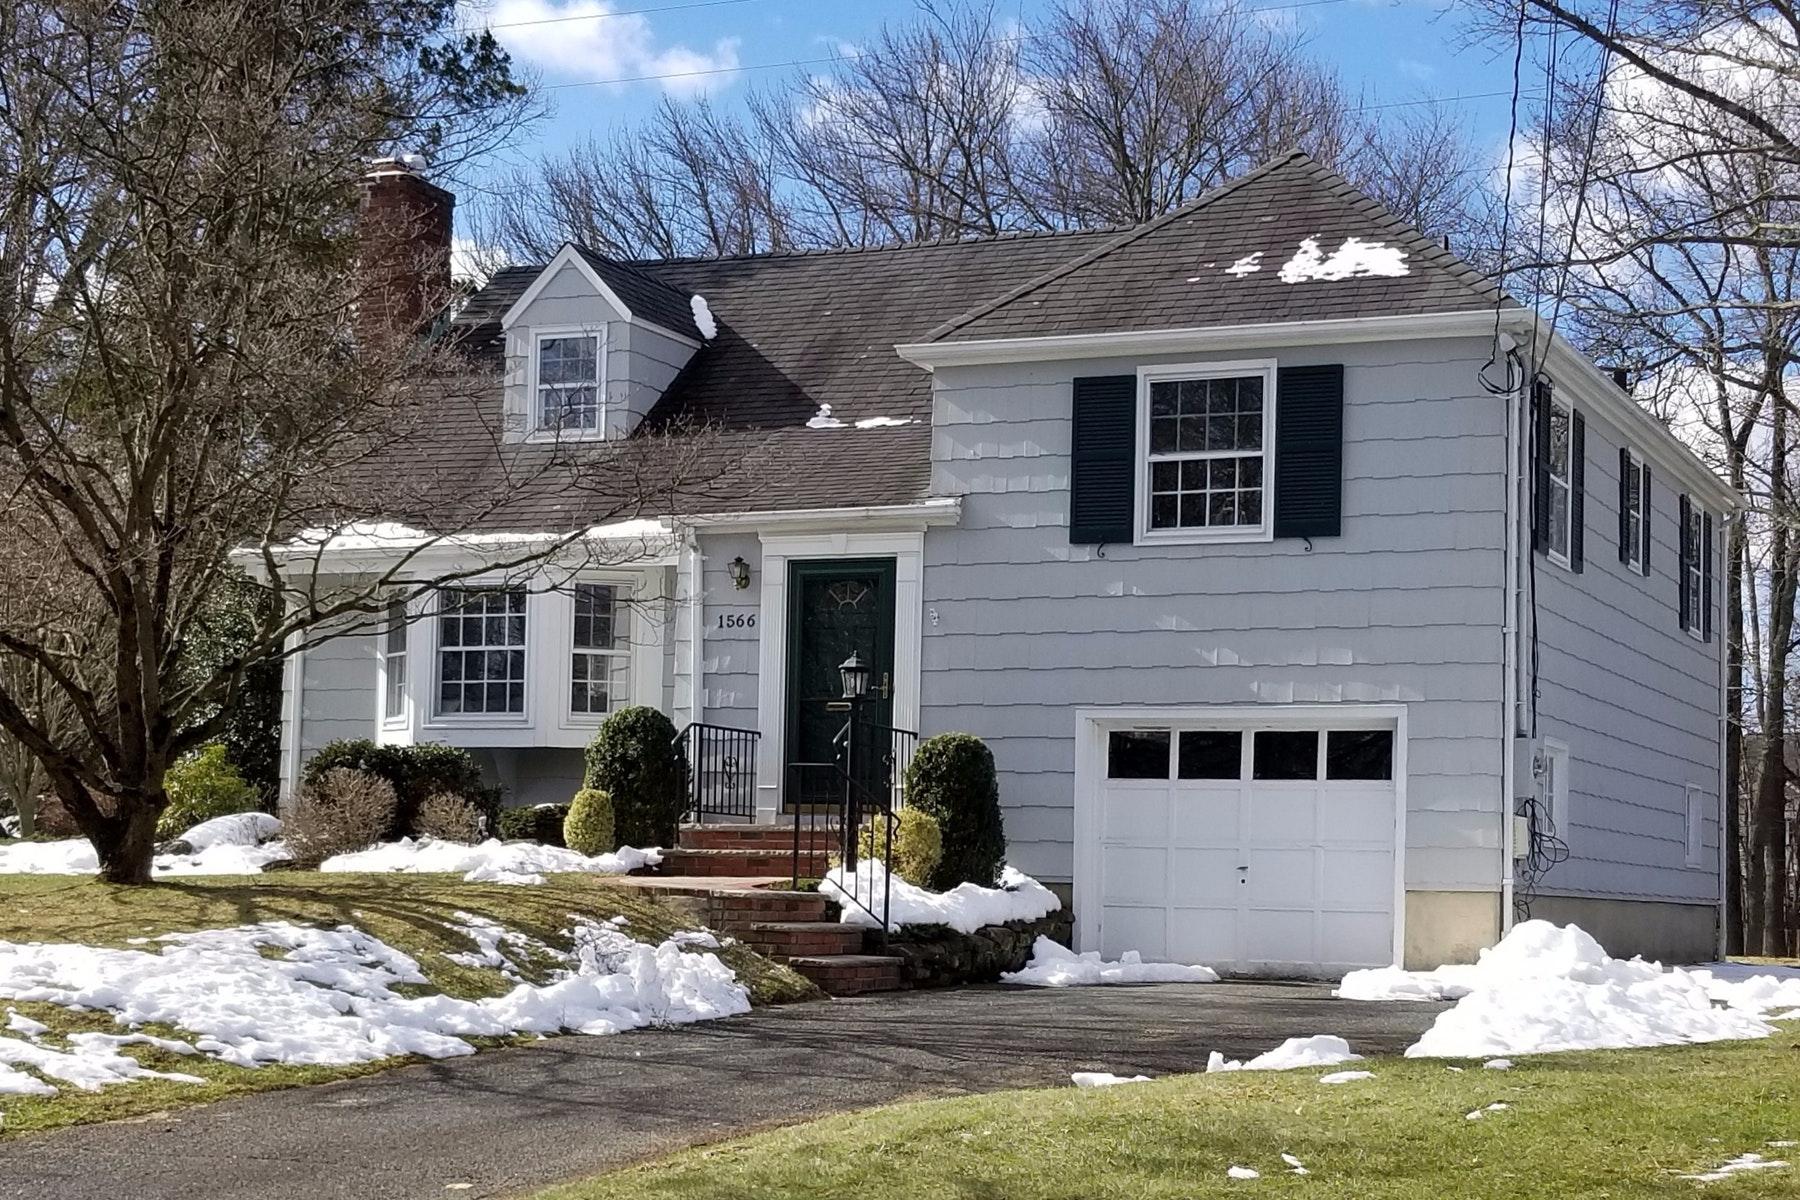 Villa per Vendita alle ore So Great to Come Home to! 1566 Ramapo Way Scotch Plains, New Jersey 07076 Stati Uniti